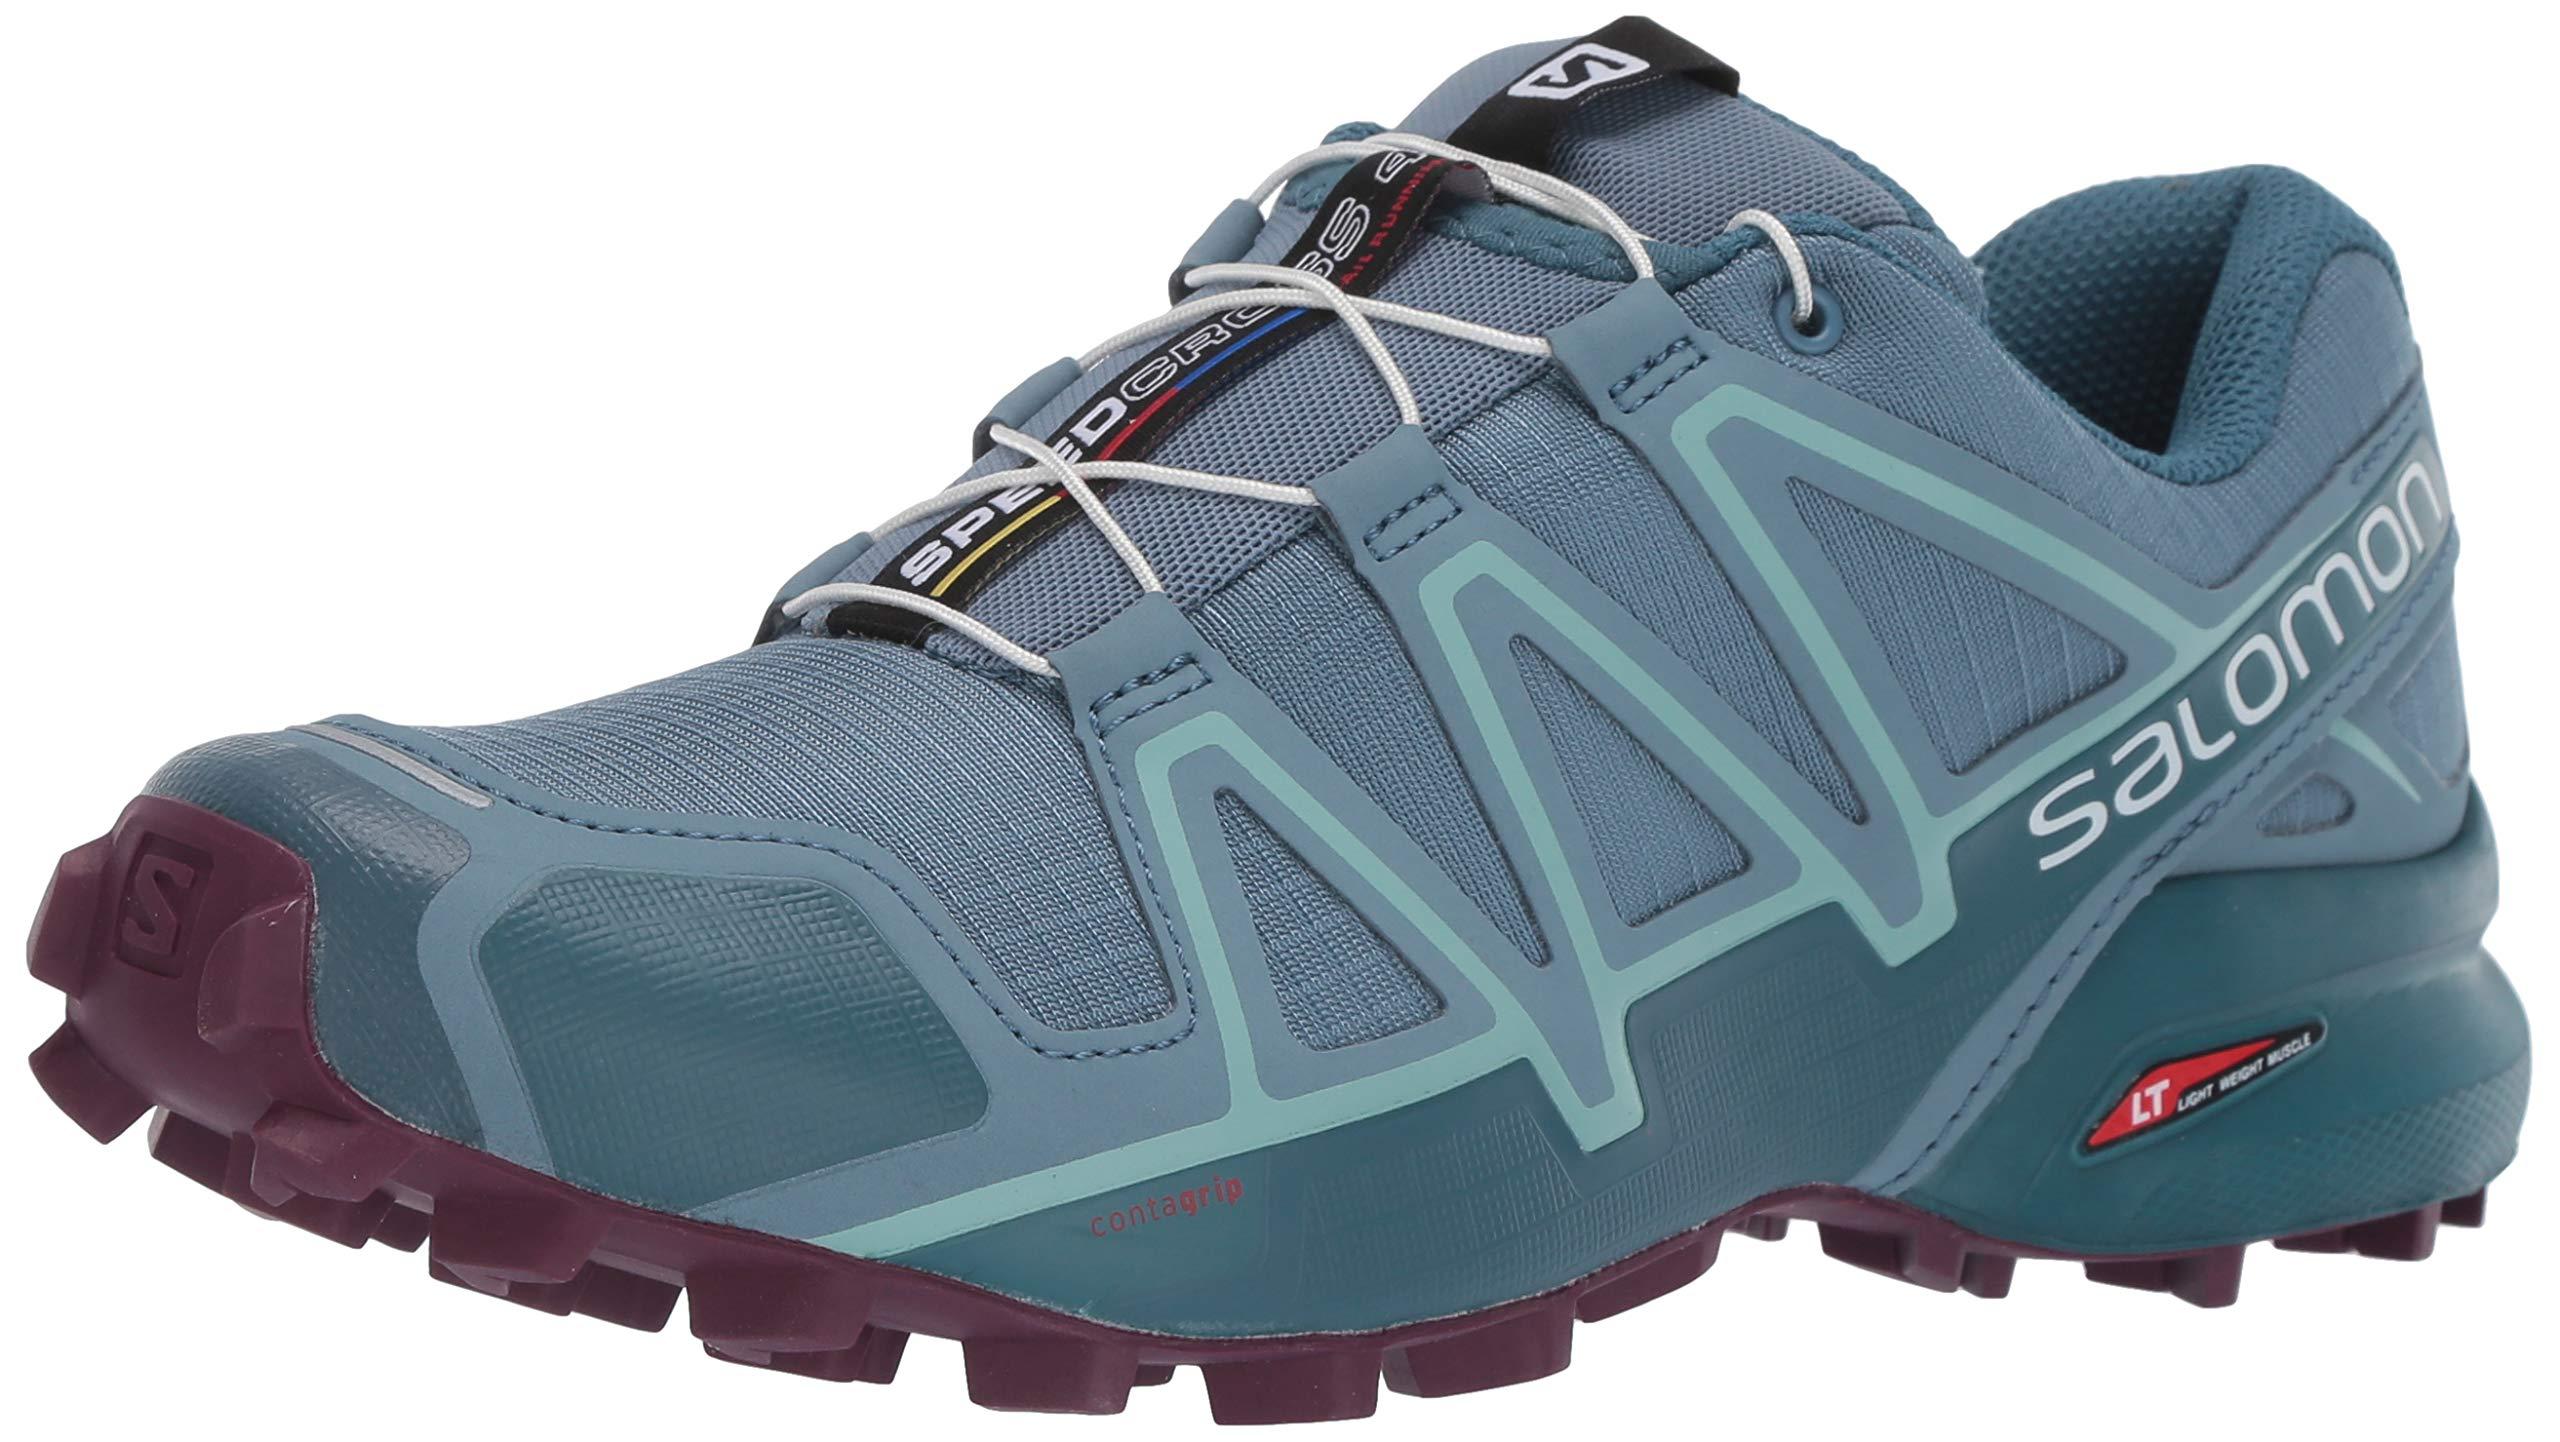 Salomon Women's Speedcross 4 W Trail Running Shoe, Bluestone/Mallard Blue/Dark Purple, 10 M US by Salomon